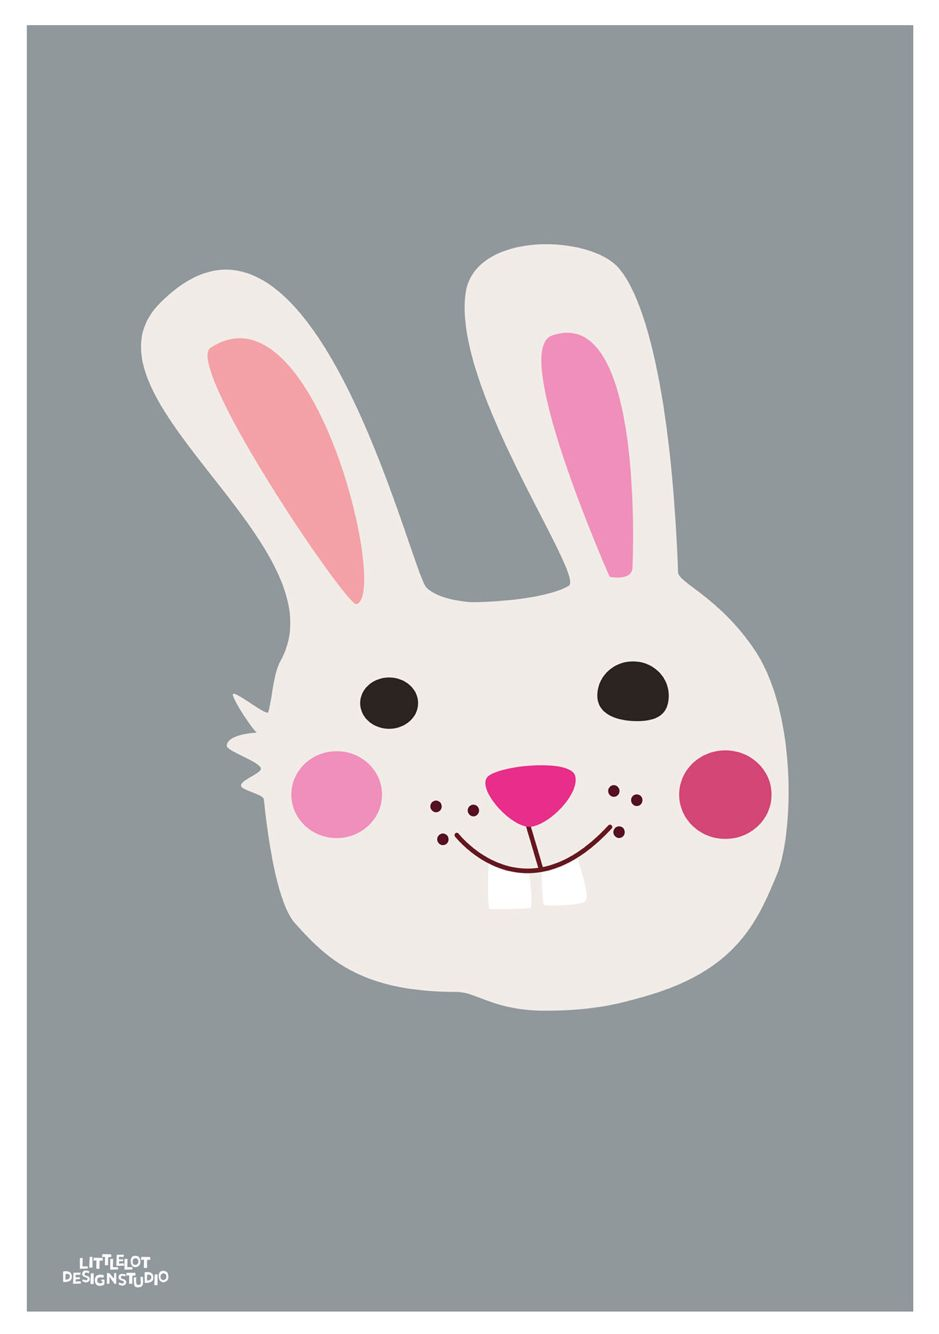 Childrens poster Kanin, Rabbit poster, 50x70 cm. Designed by Charlotte Søeborg Ohlsen, Littlelot Designstudio